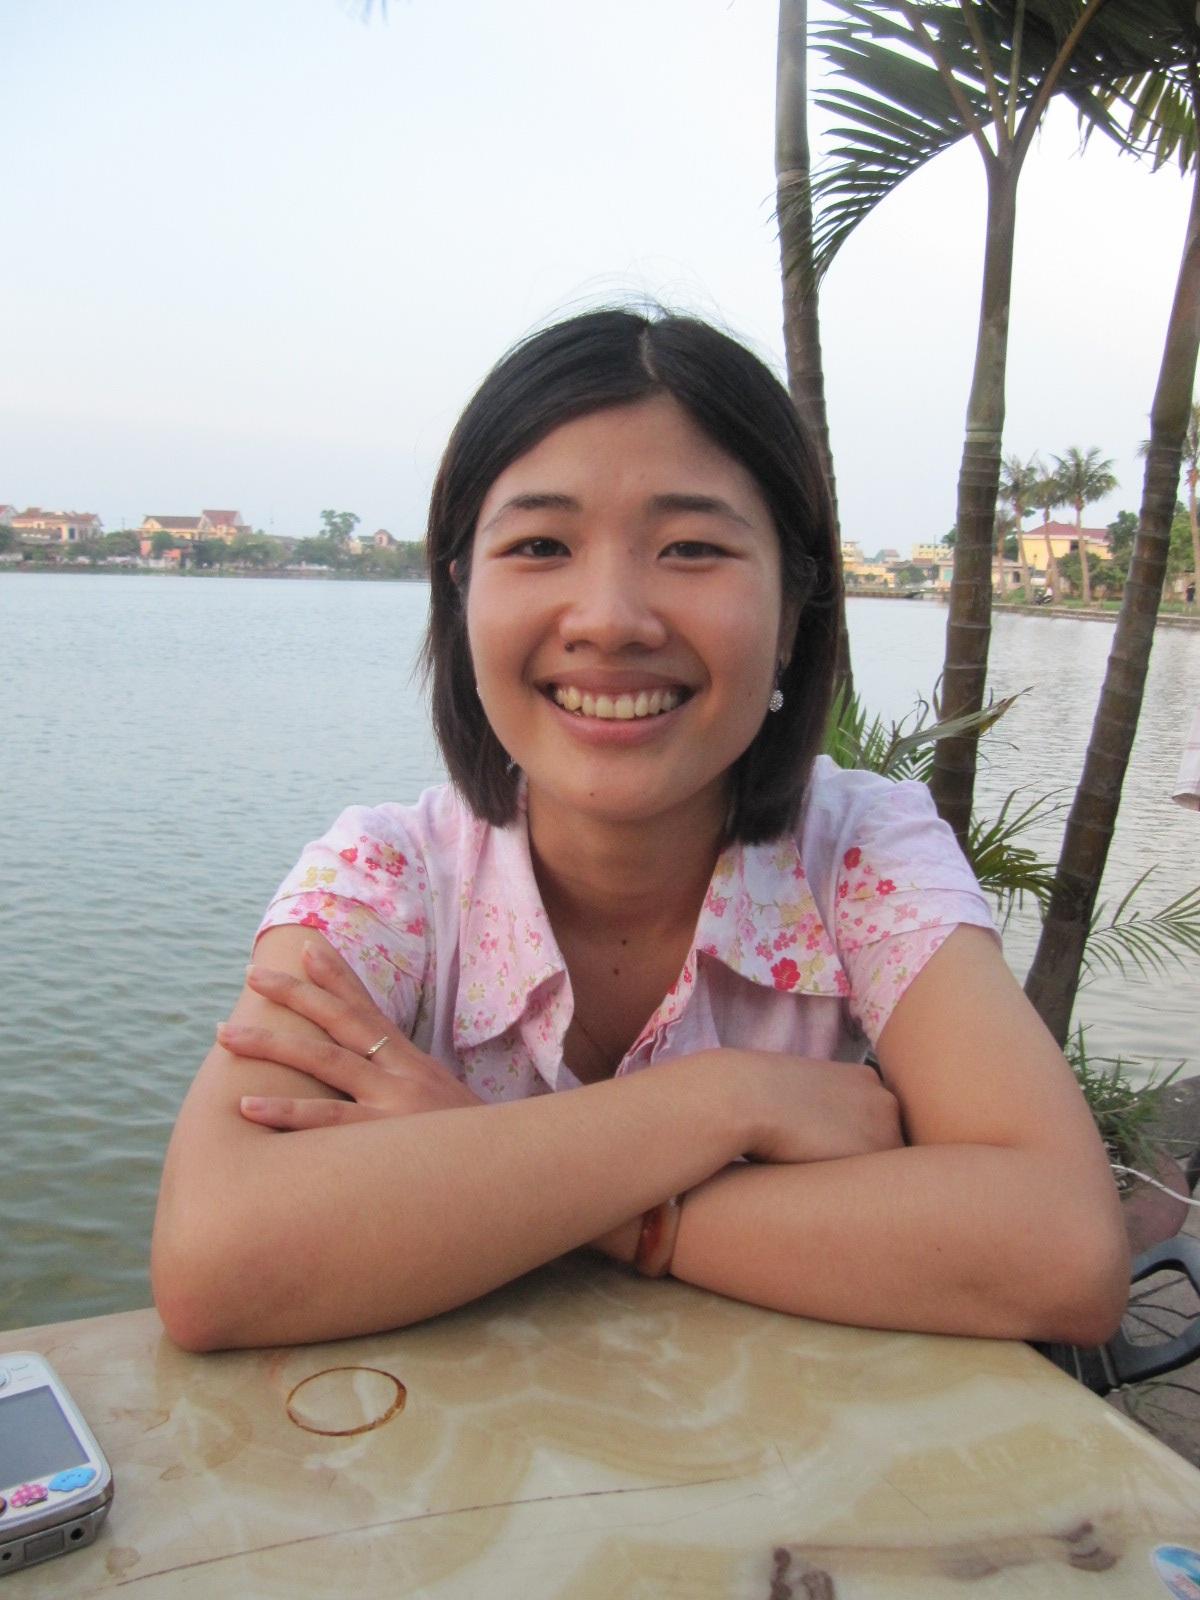 Gặp ứng cử viên đại biểu Quốc hội trẻ nhất Nghệ An - 2